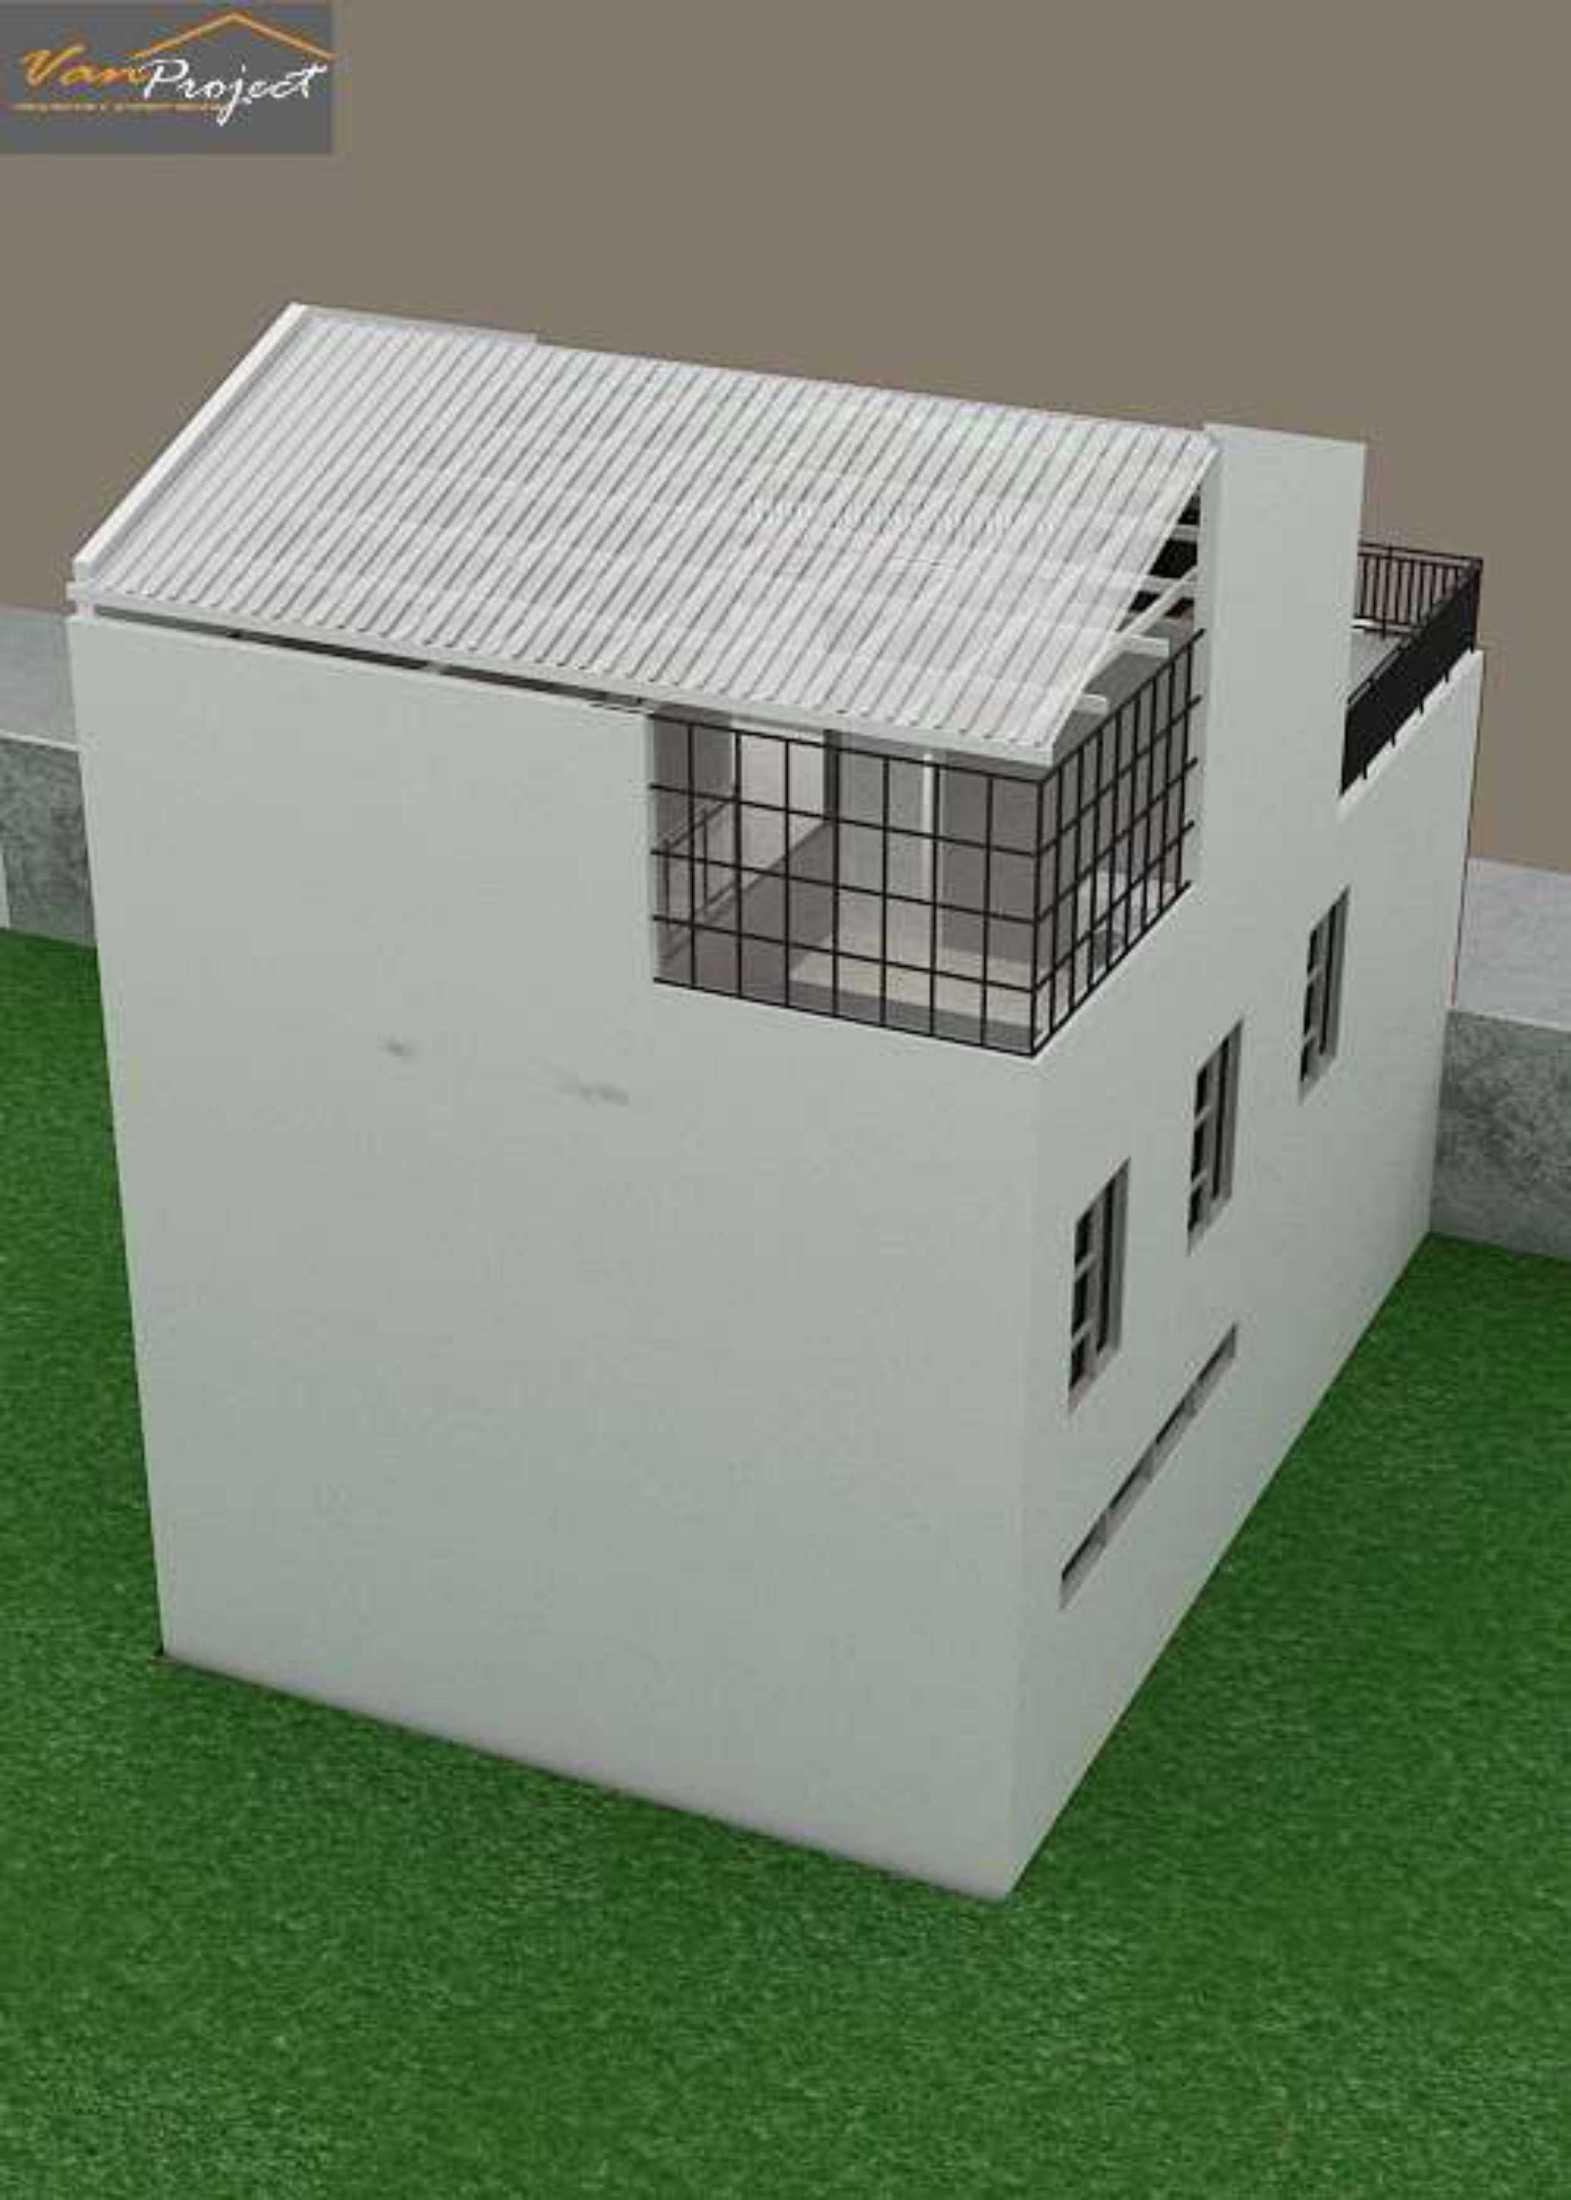 Vanproject 3D Design And Build Bekasi, Kota Bks, Jawa Barat, Indonesia Bekasi, Kota Bks, Jawa Barat, Indonesia Vanproject-3D-Design-And-Build  128488